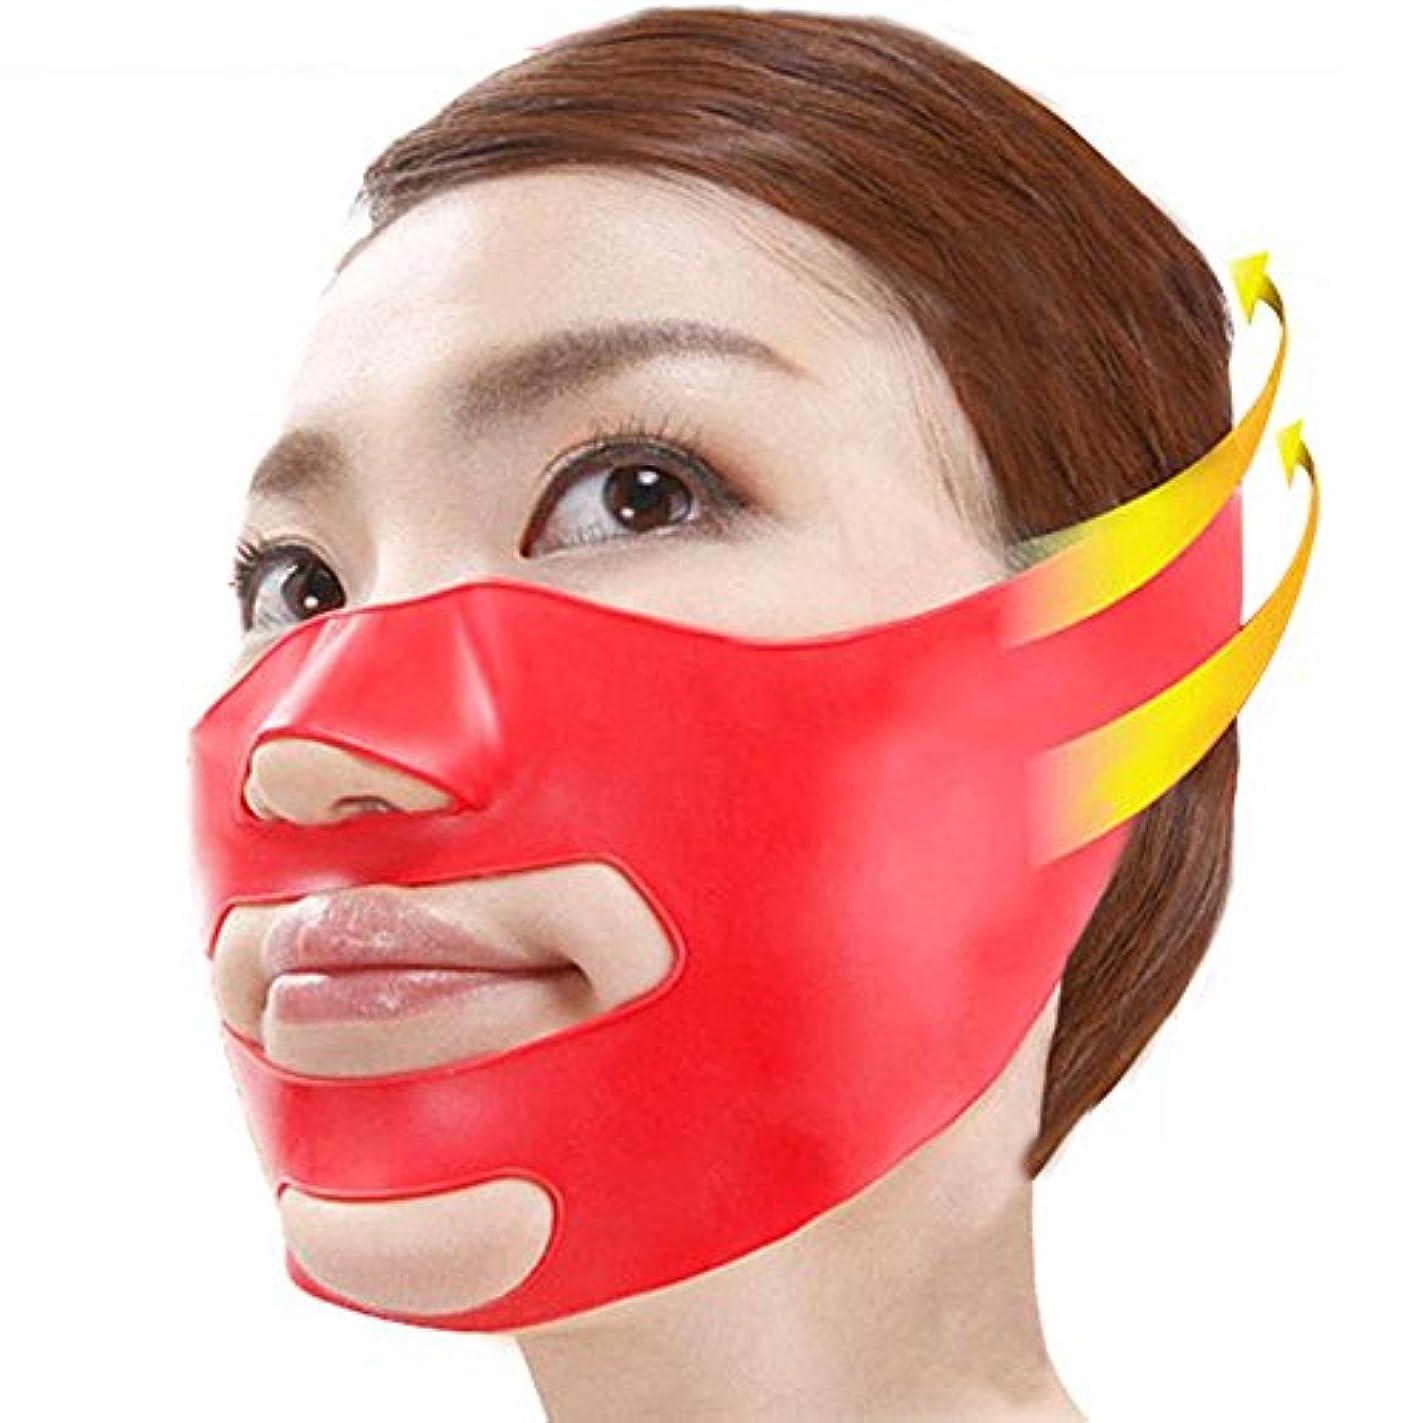 メンタル慎重にフィードオン3D 小顔 マッサージグッズ フェイスマスク 美容 顔痩せ ほうれい線 消す グッズ 美顔 矯正 (フリーサイズ, レッド)